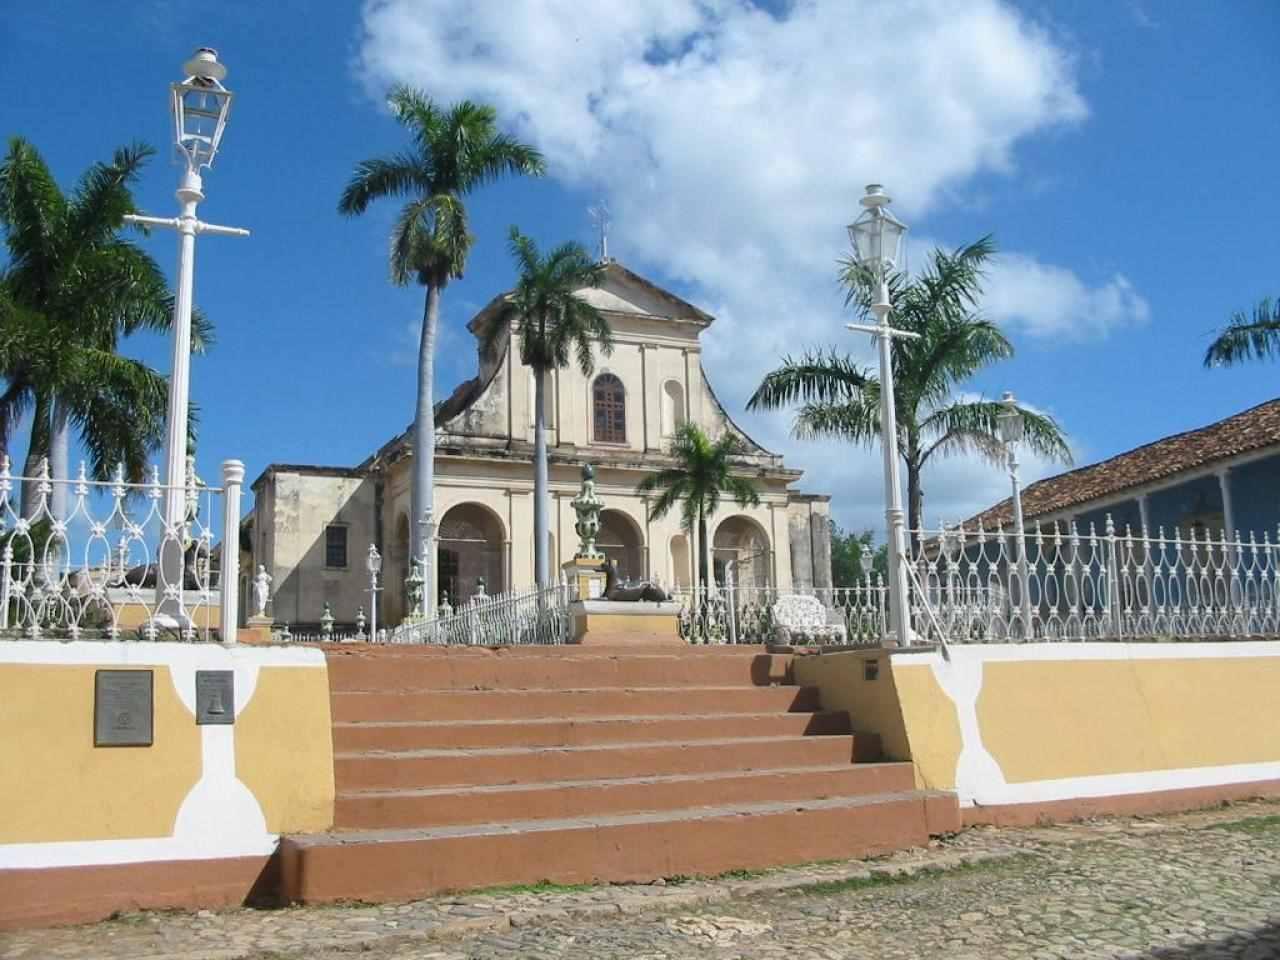 Alquiler vacaciones en Trinidad, Trinidad